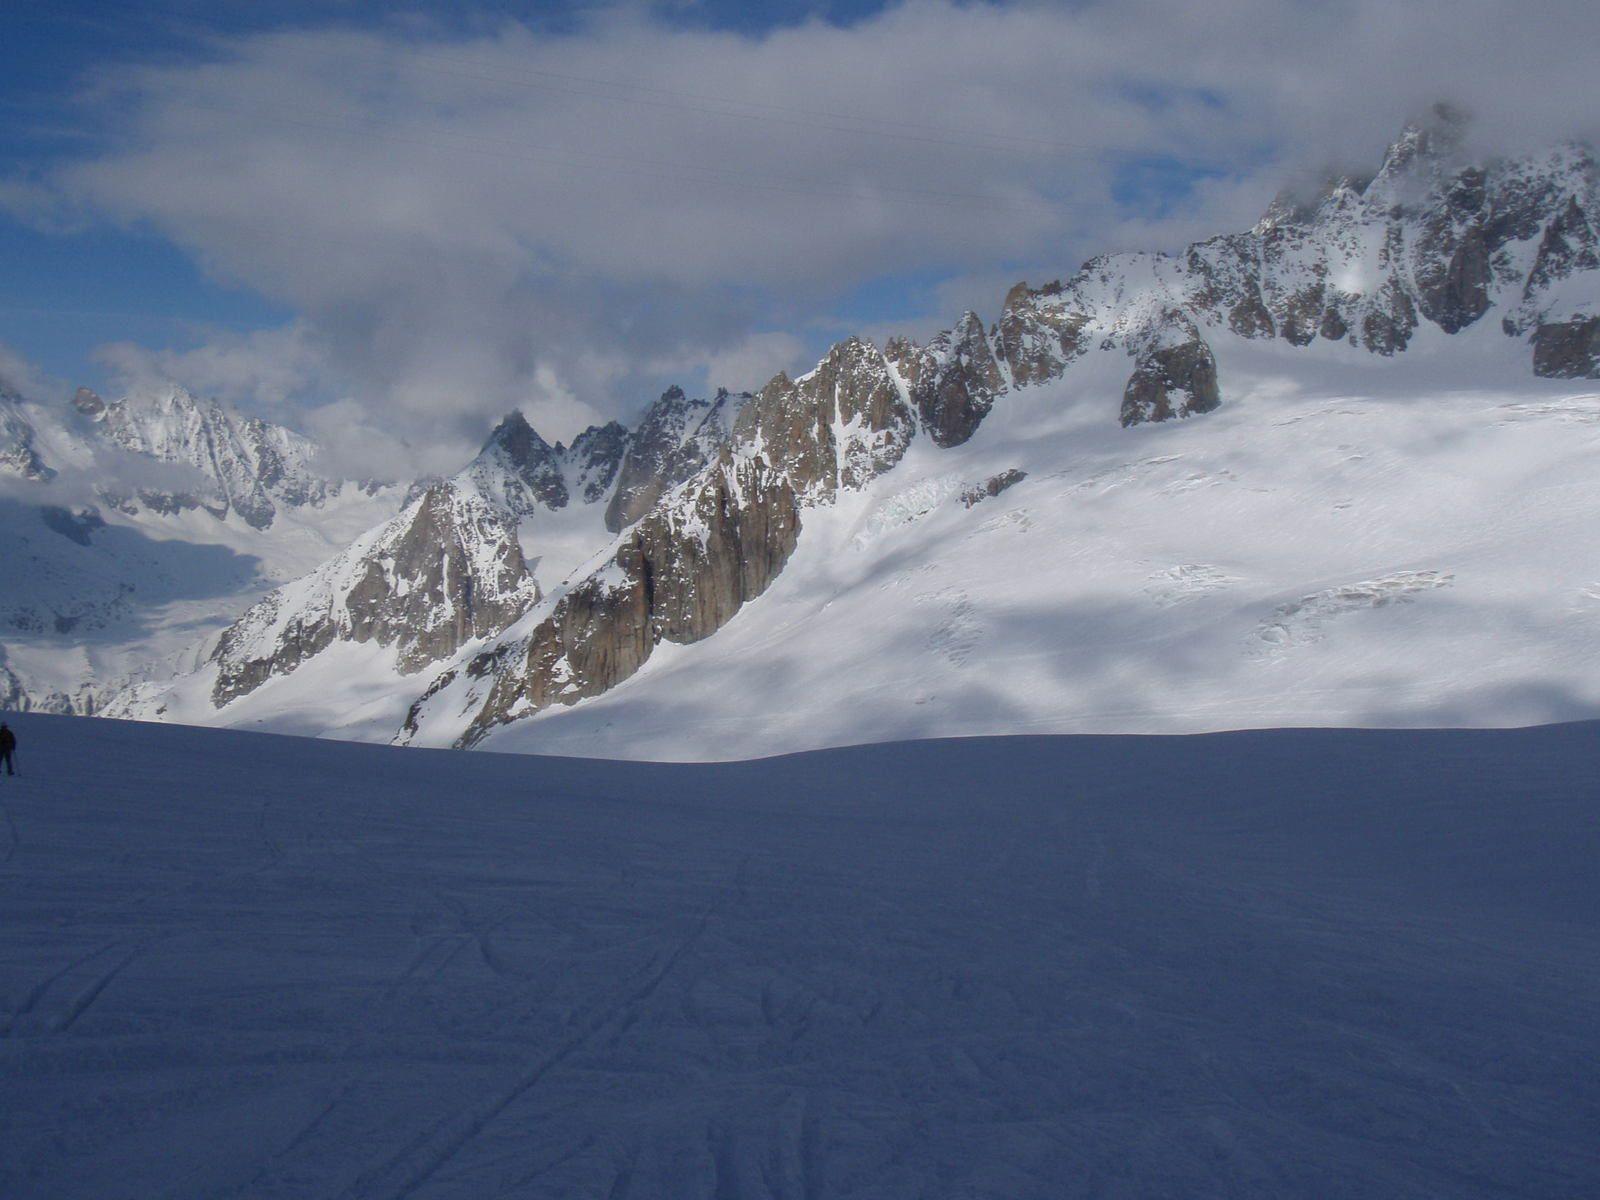 Mont-Blanc du Tacul: Goulotte Gabarrou-Albinoni